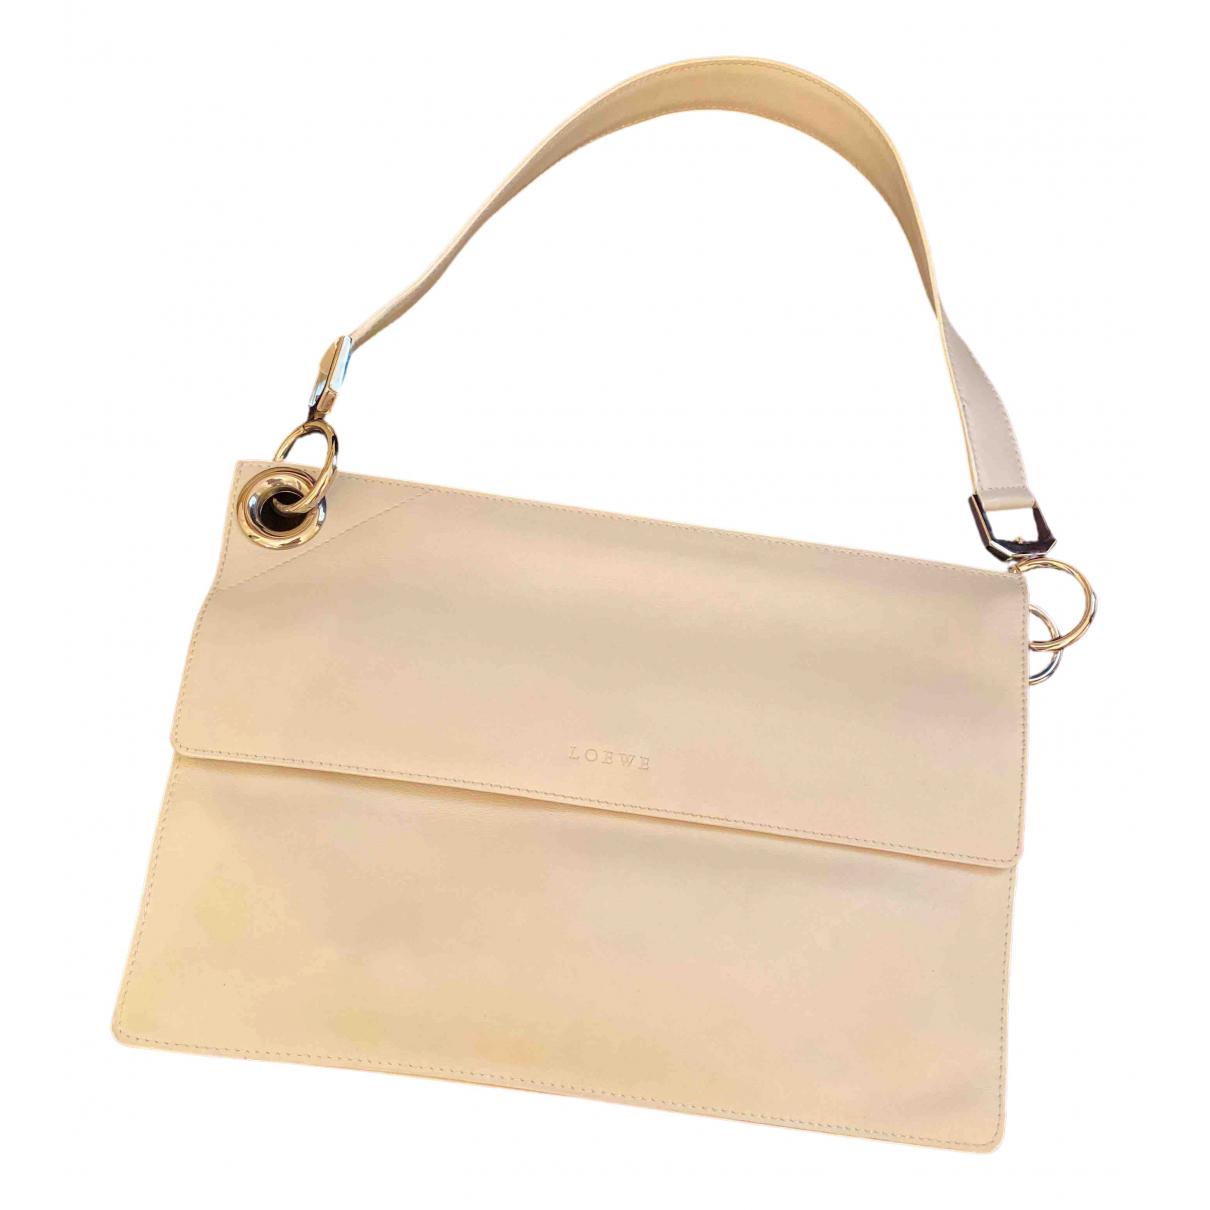 Loewe - Sac a main   pour femme en cuir - blanc